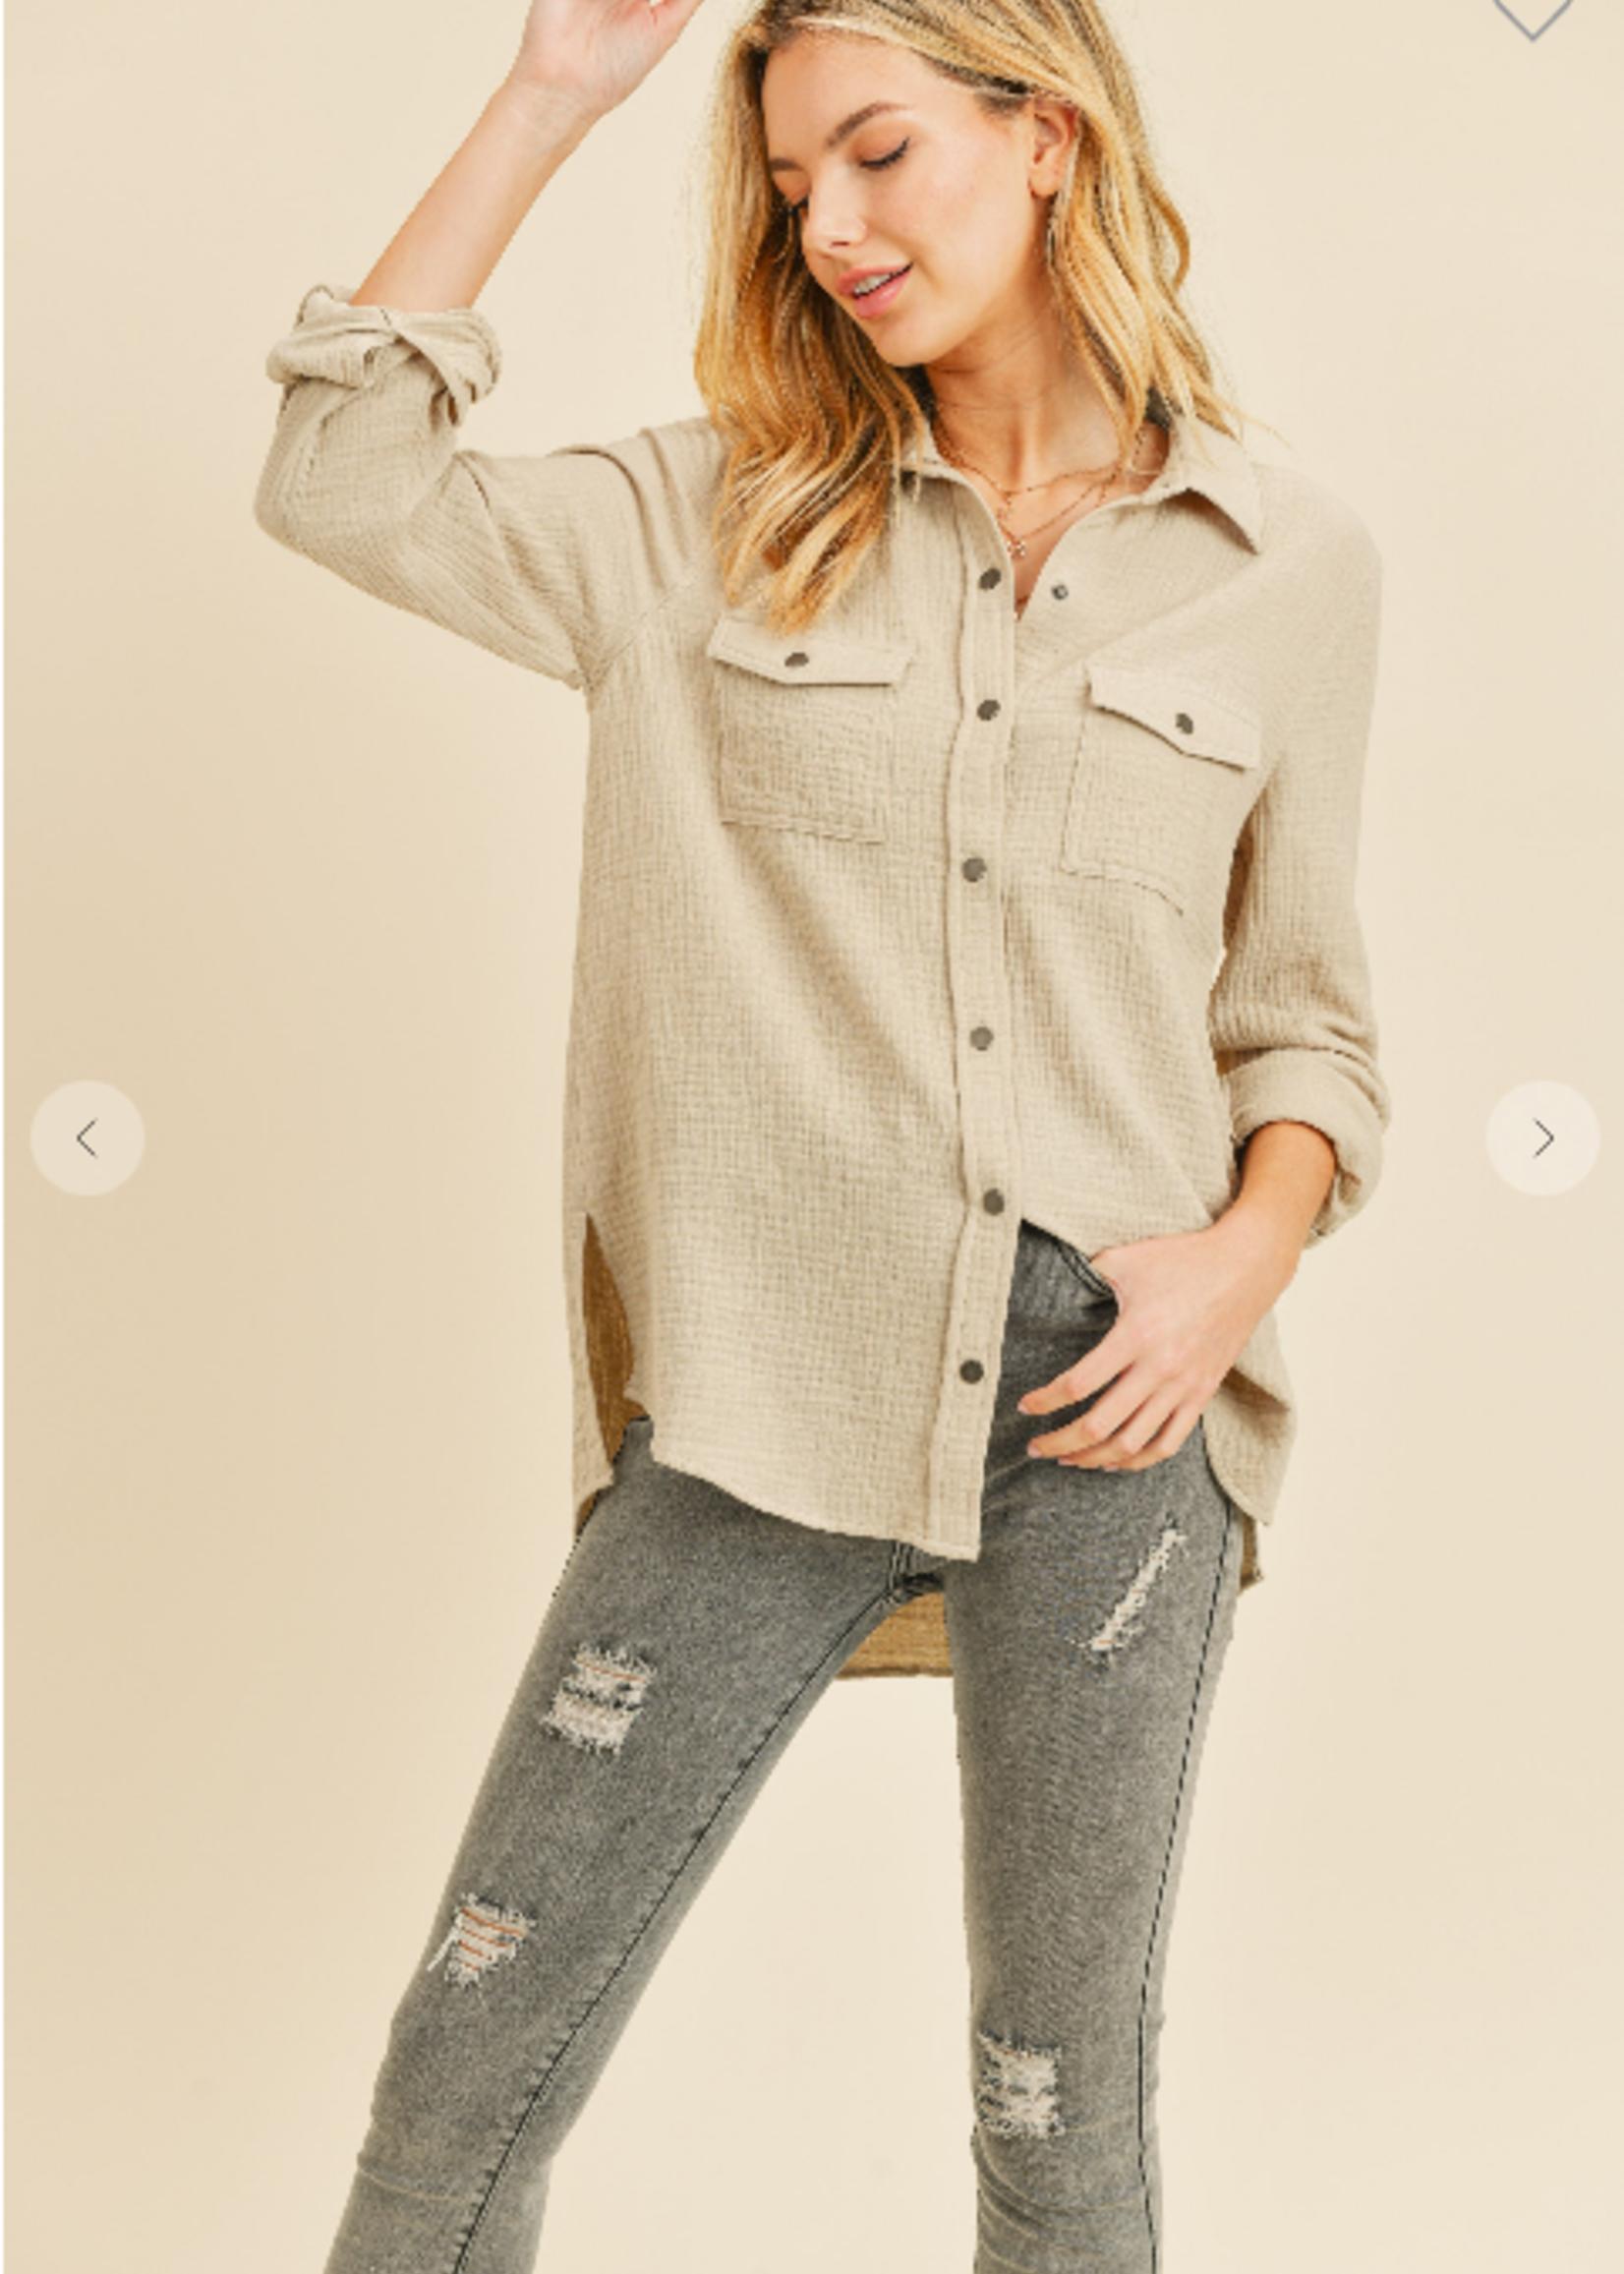 Snap Button Down Shirt - Khaki